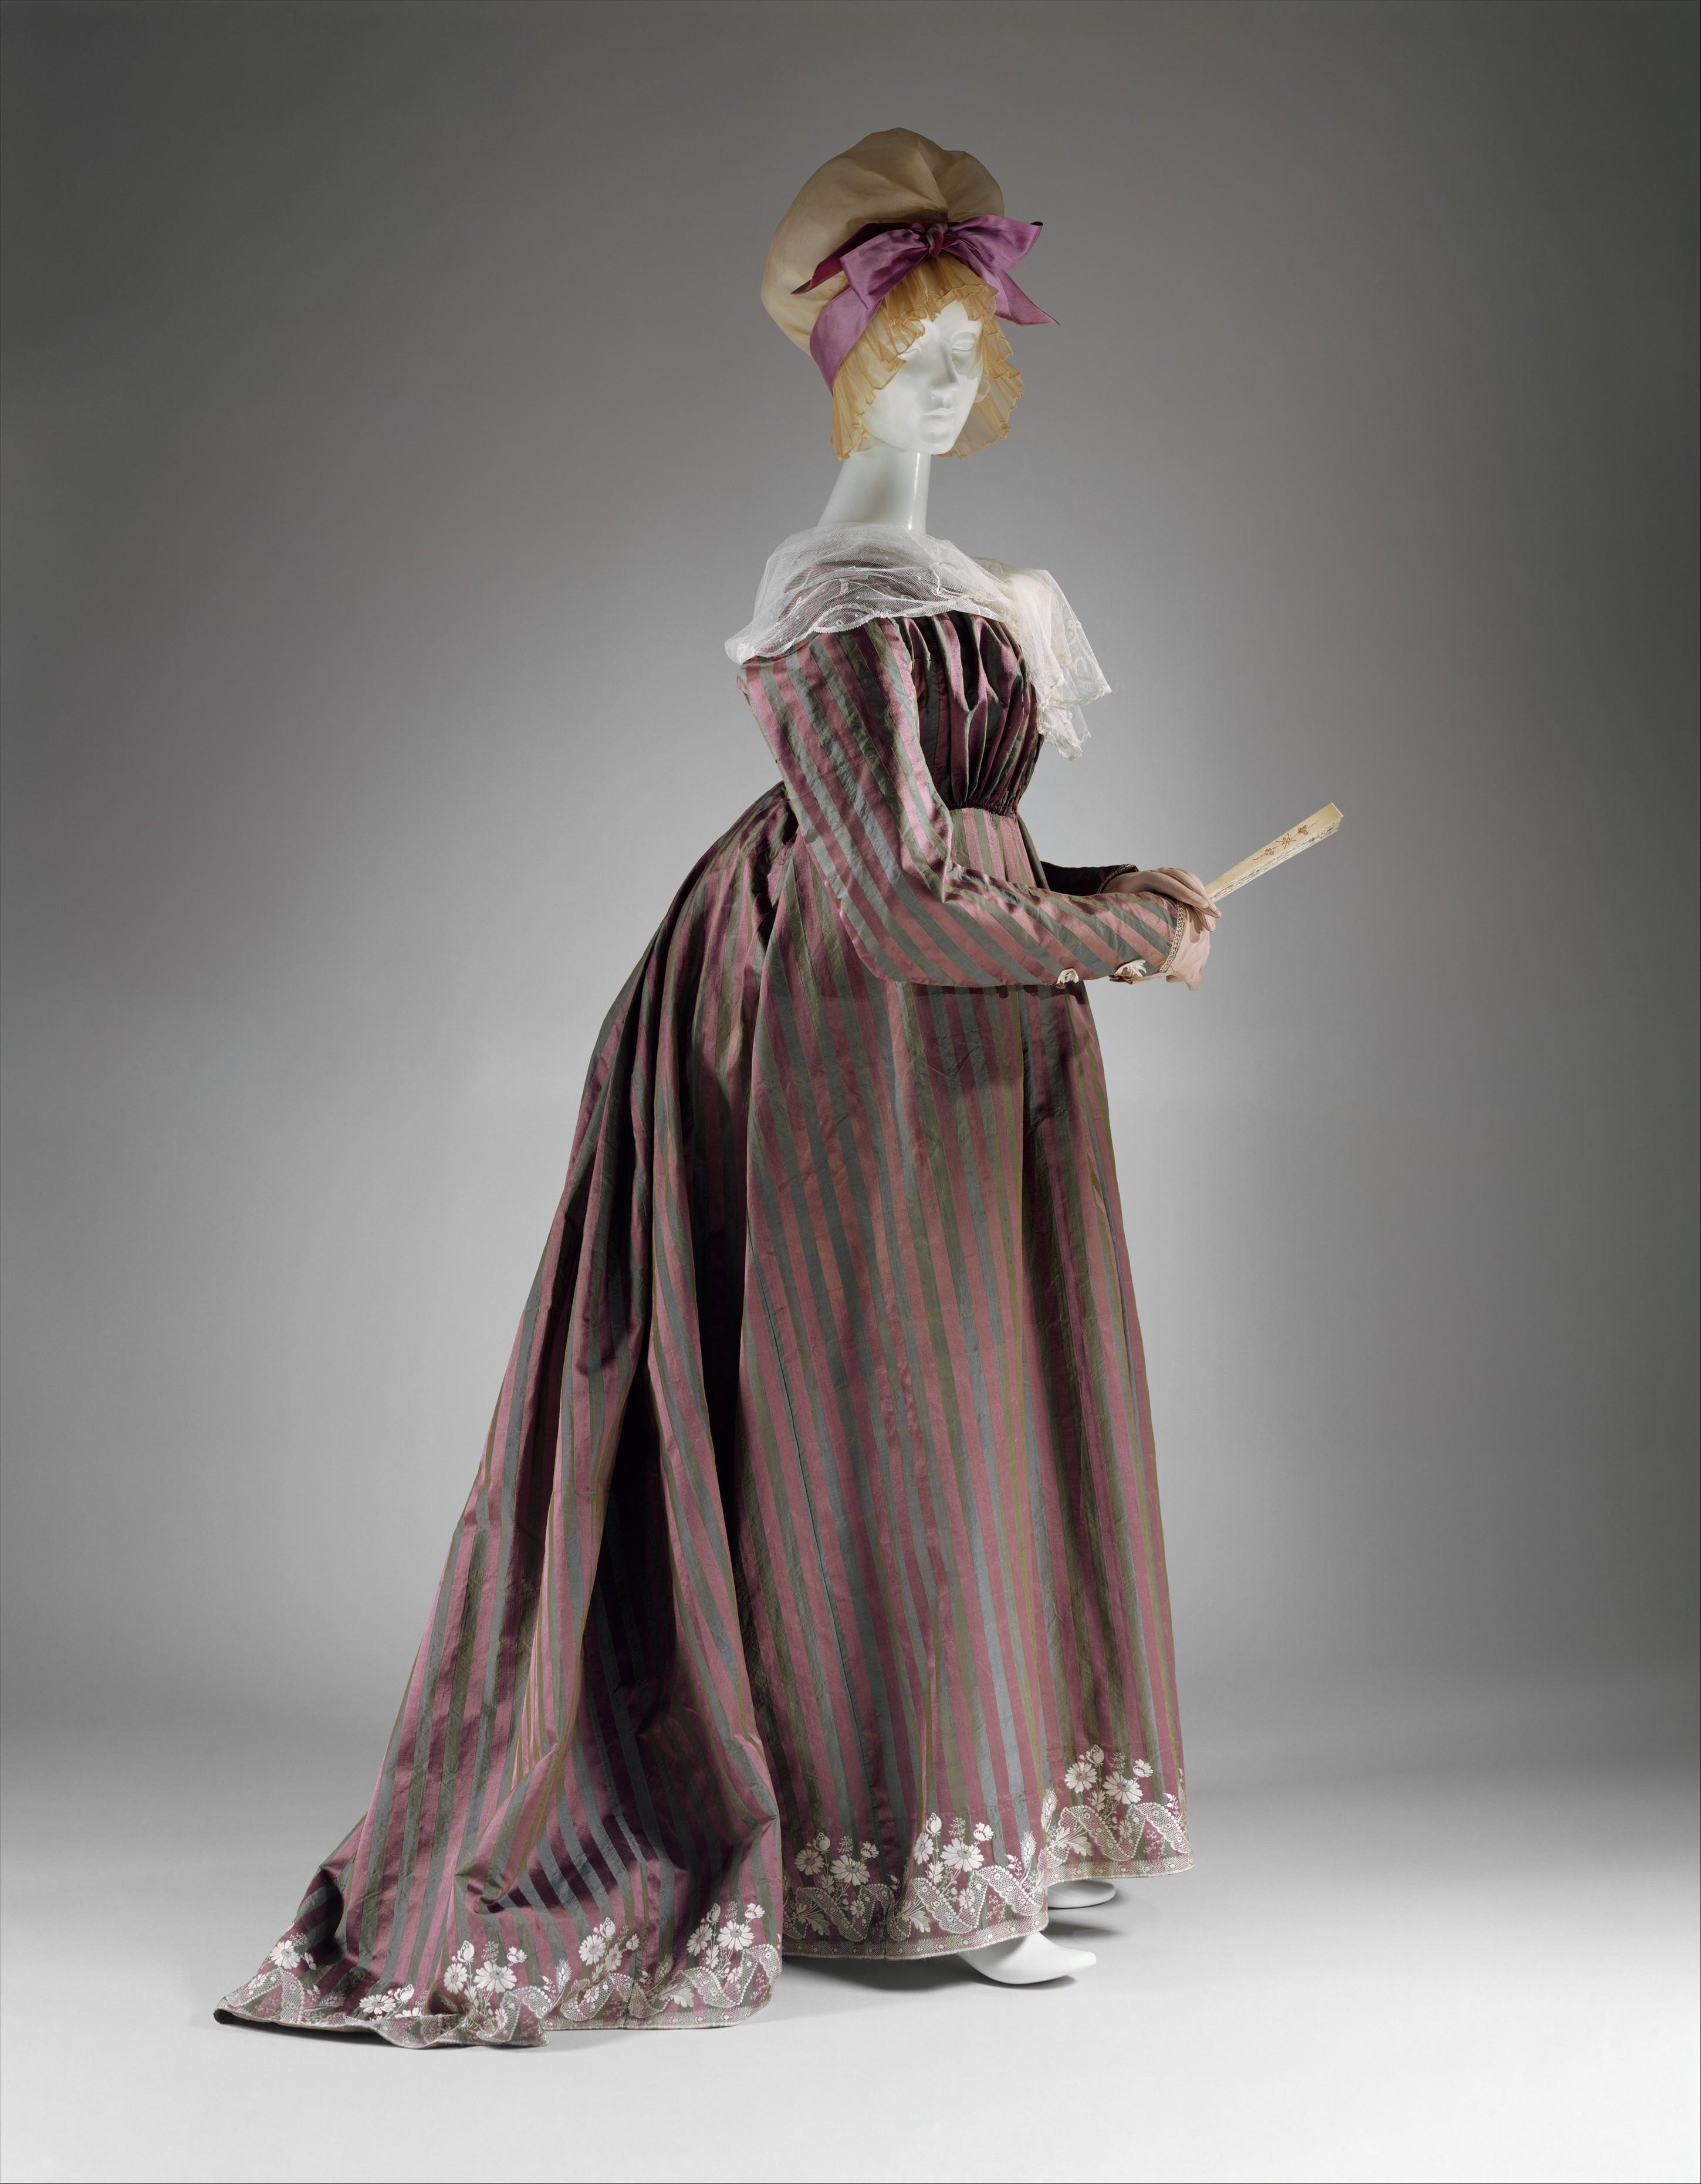 Round Gown (c. 1795) [Source]